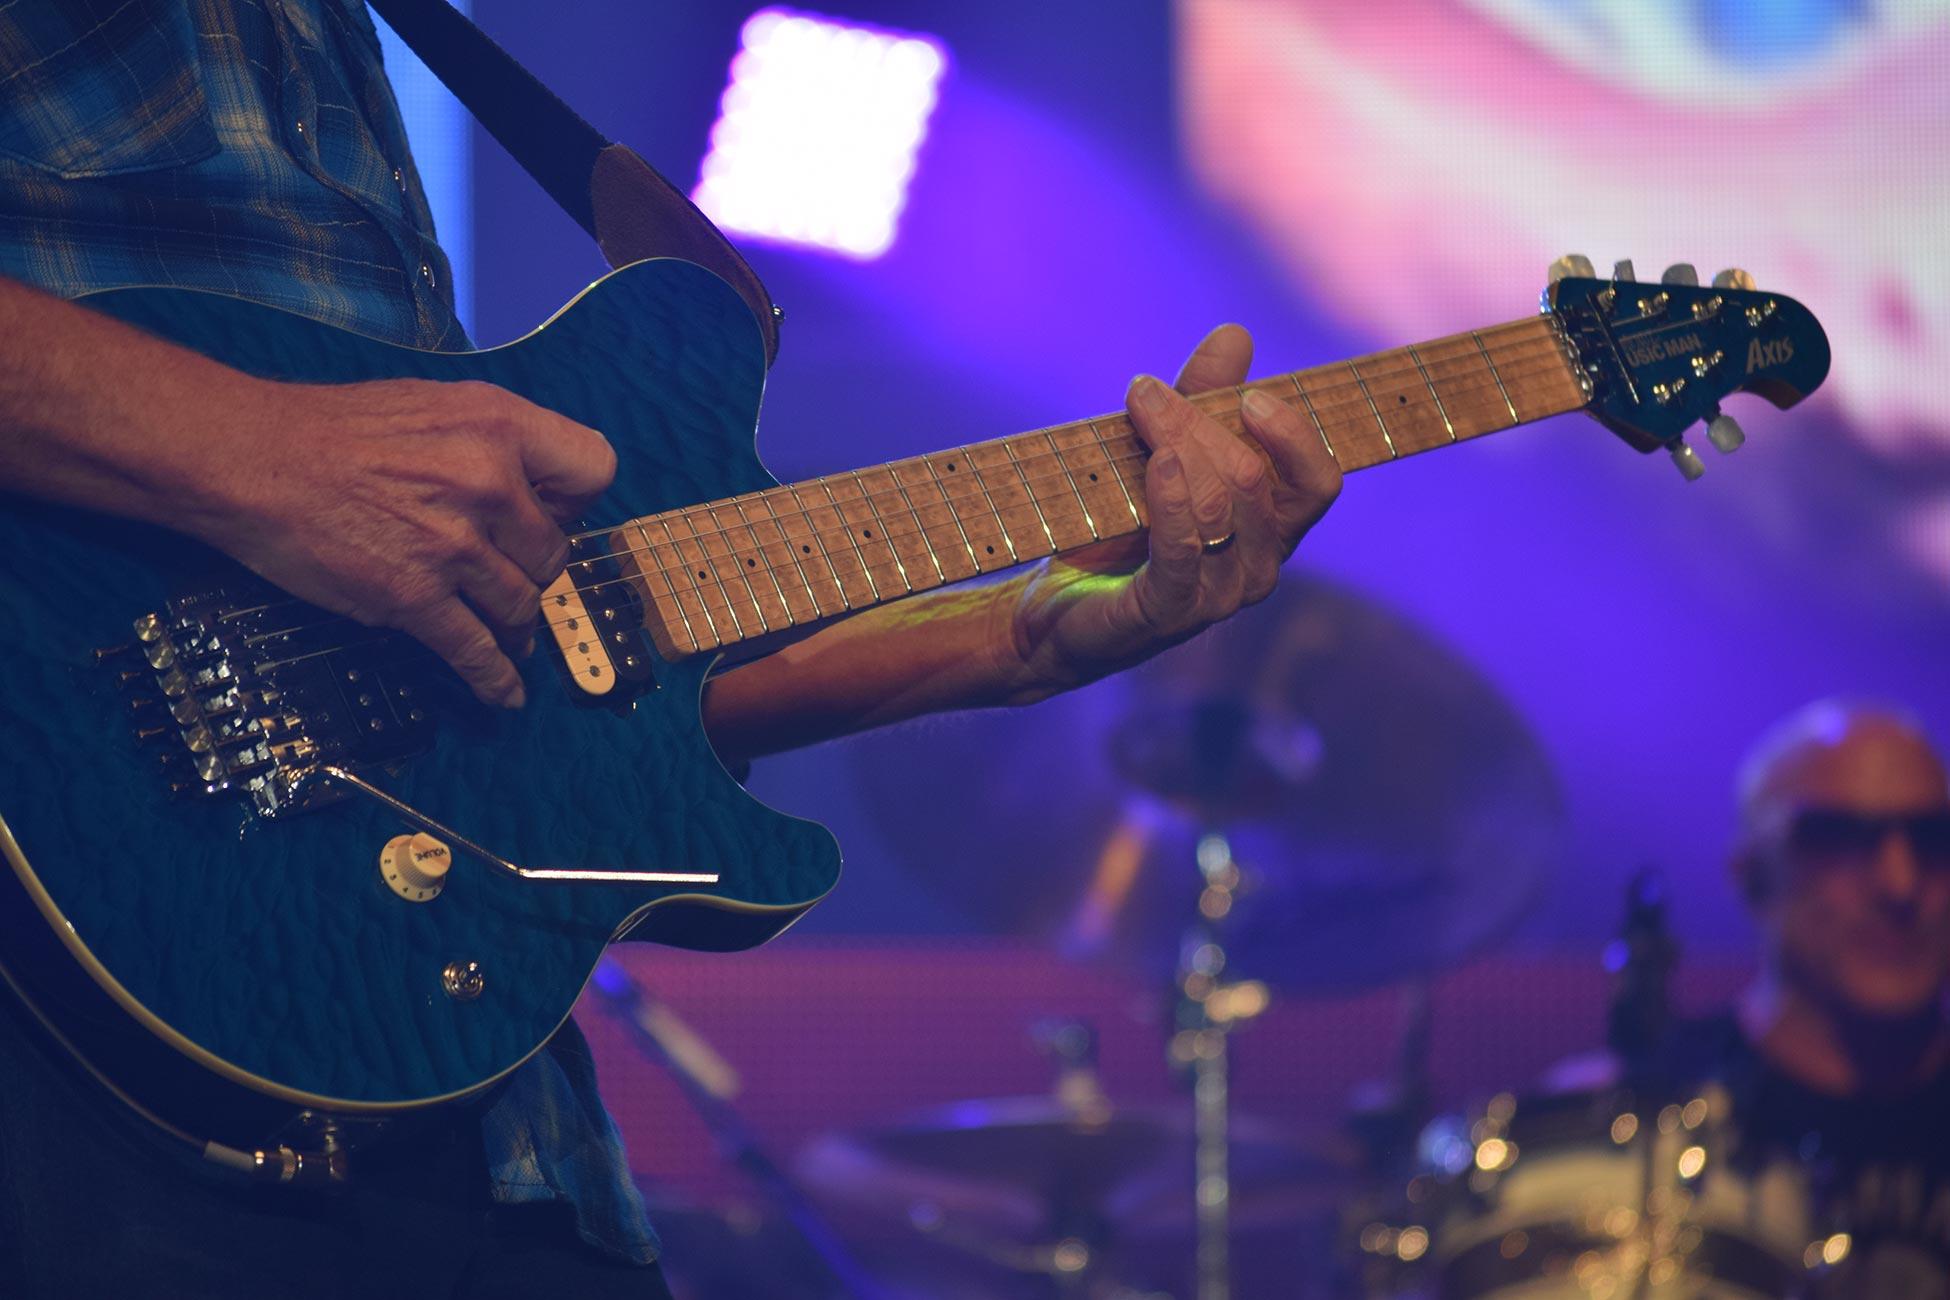 Fogarty guitar